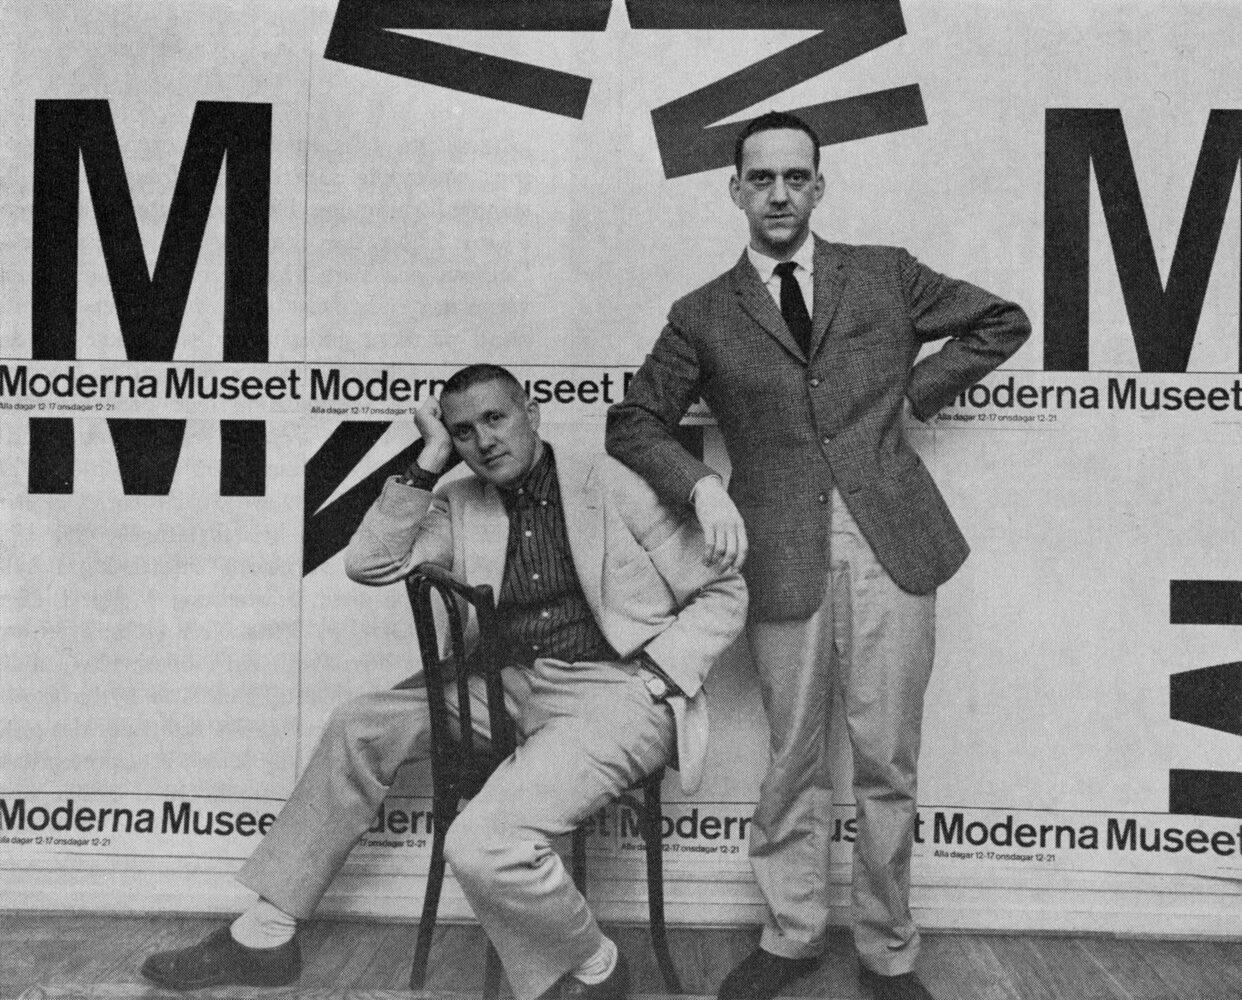 Grafiske formgivaren och reklammannen John Melin (1921–1992) och målaren, grafikern, tecknaren och reklamkonstnären Anders Österlin (926–2011) i duon Melin & Österlin (M&Ö), Moderna museet Malmö. Foto: Fotograf okänd, Creative Commons erkännande.